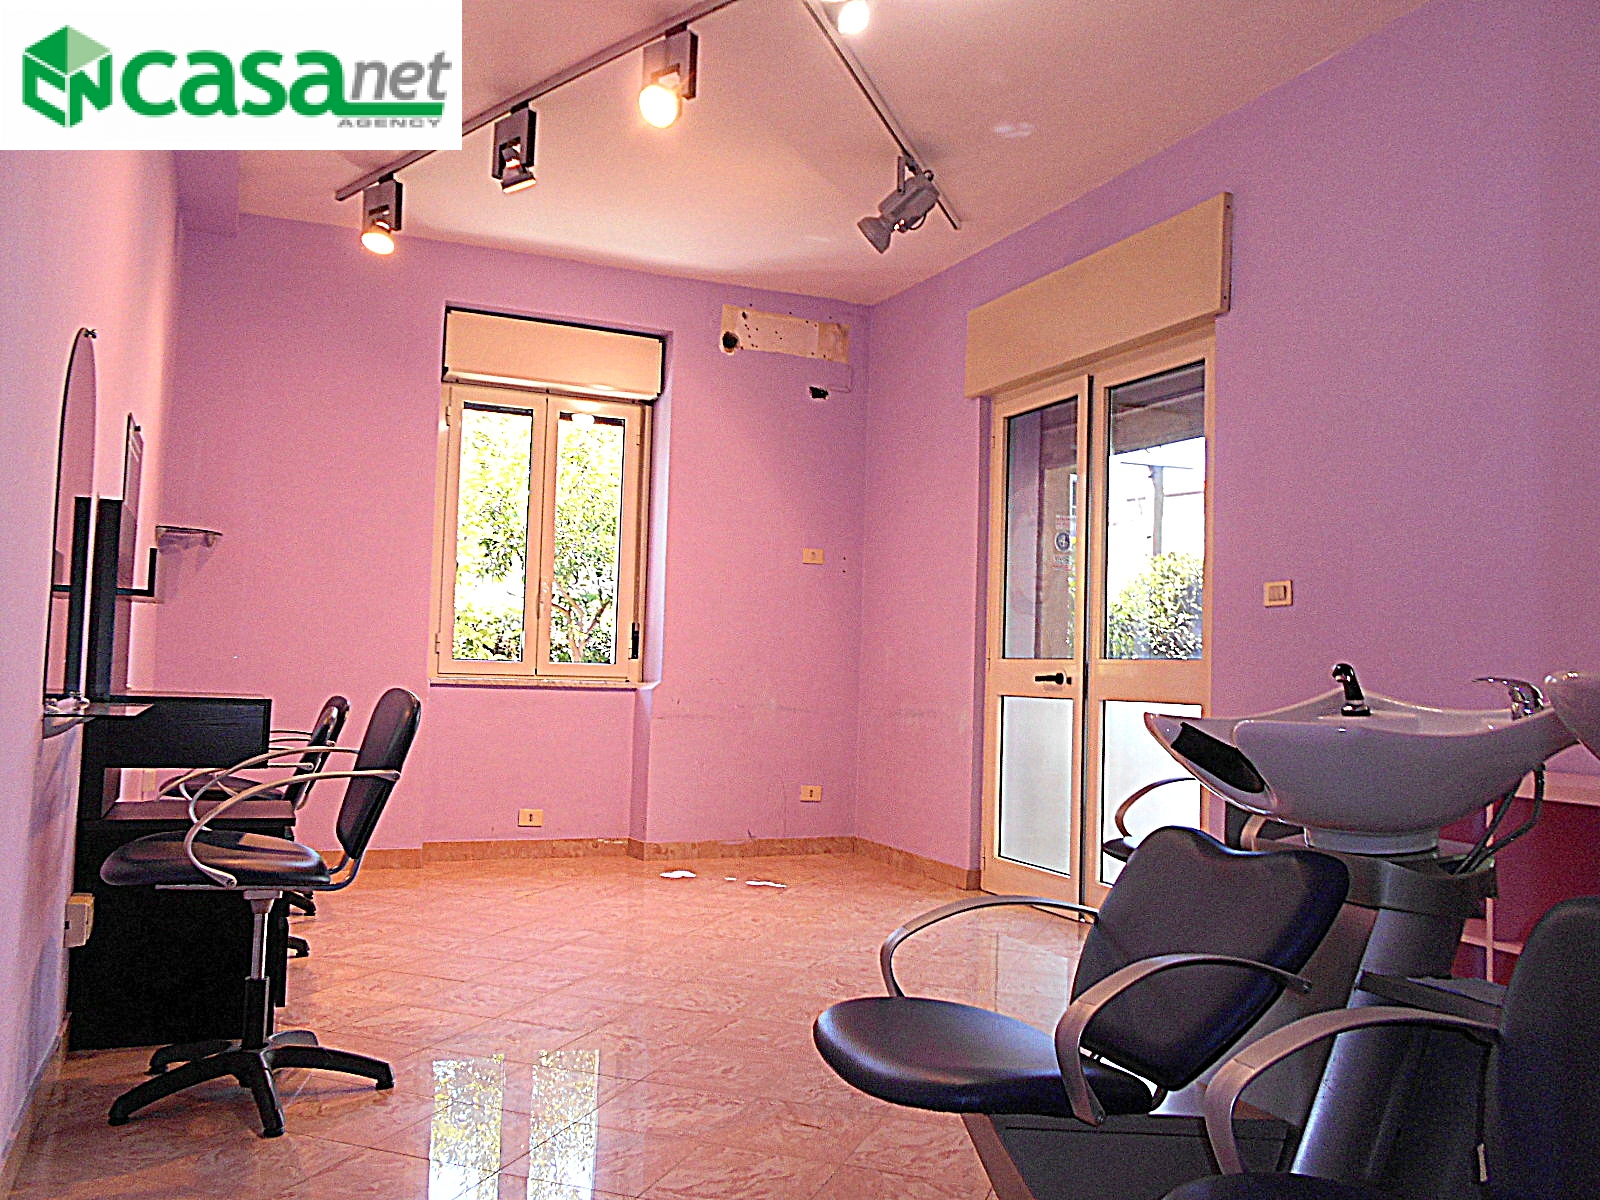 Negozio / Locale in affitto a Guidonia Montecelio, 9999 locali, zona Zona: Guidonia, prezzo € 480 | CambioCasa.it